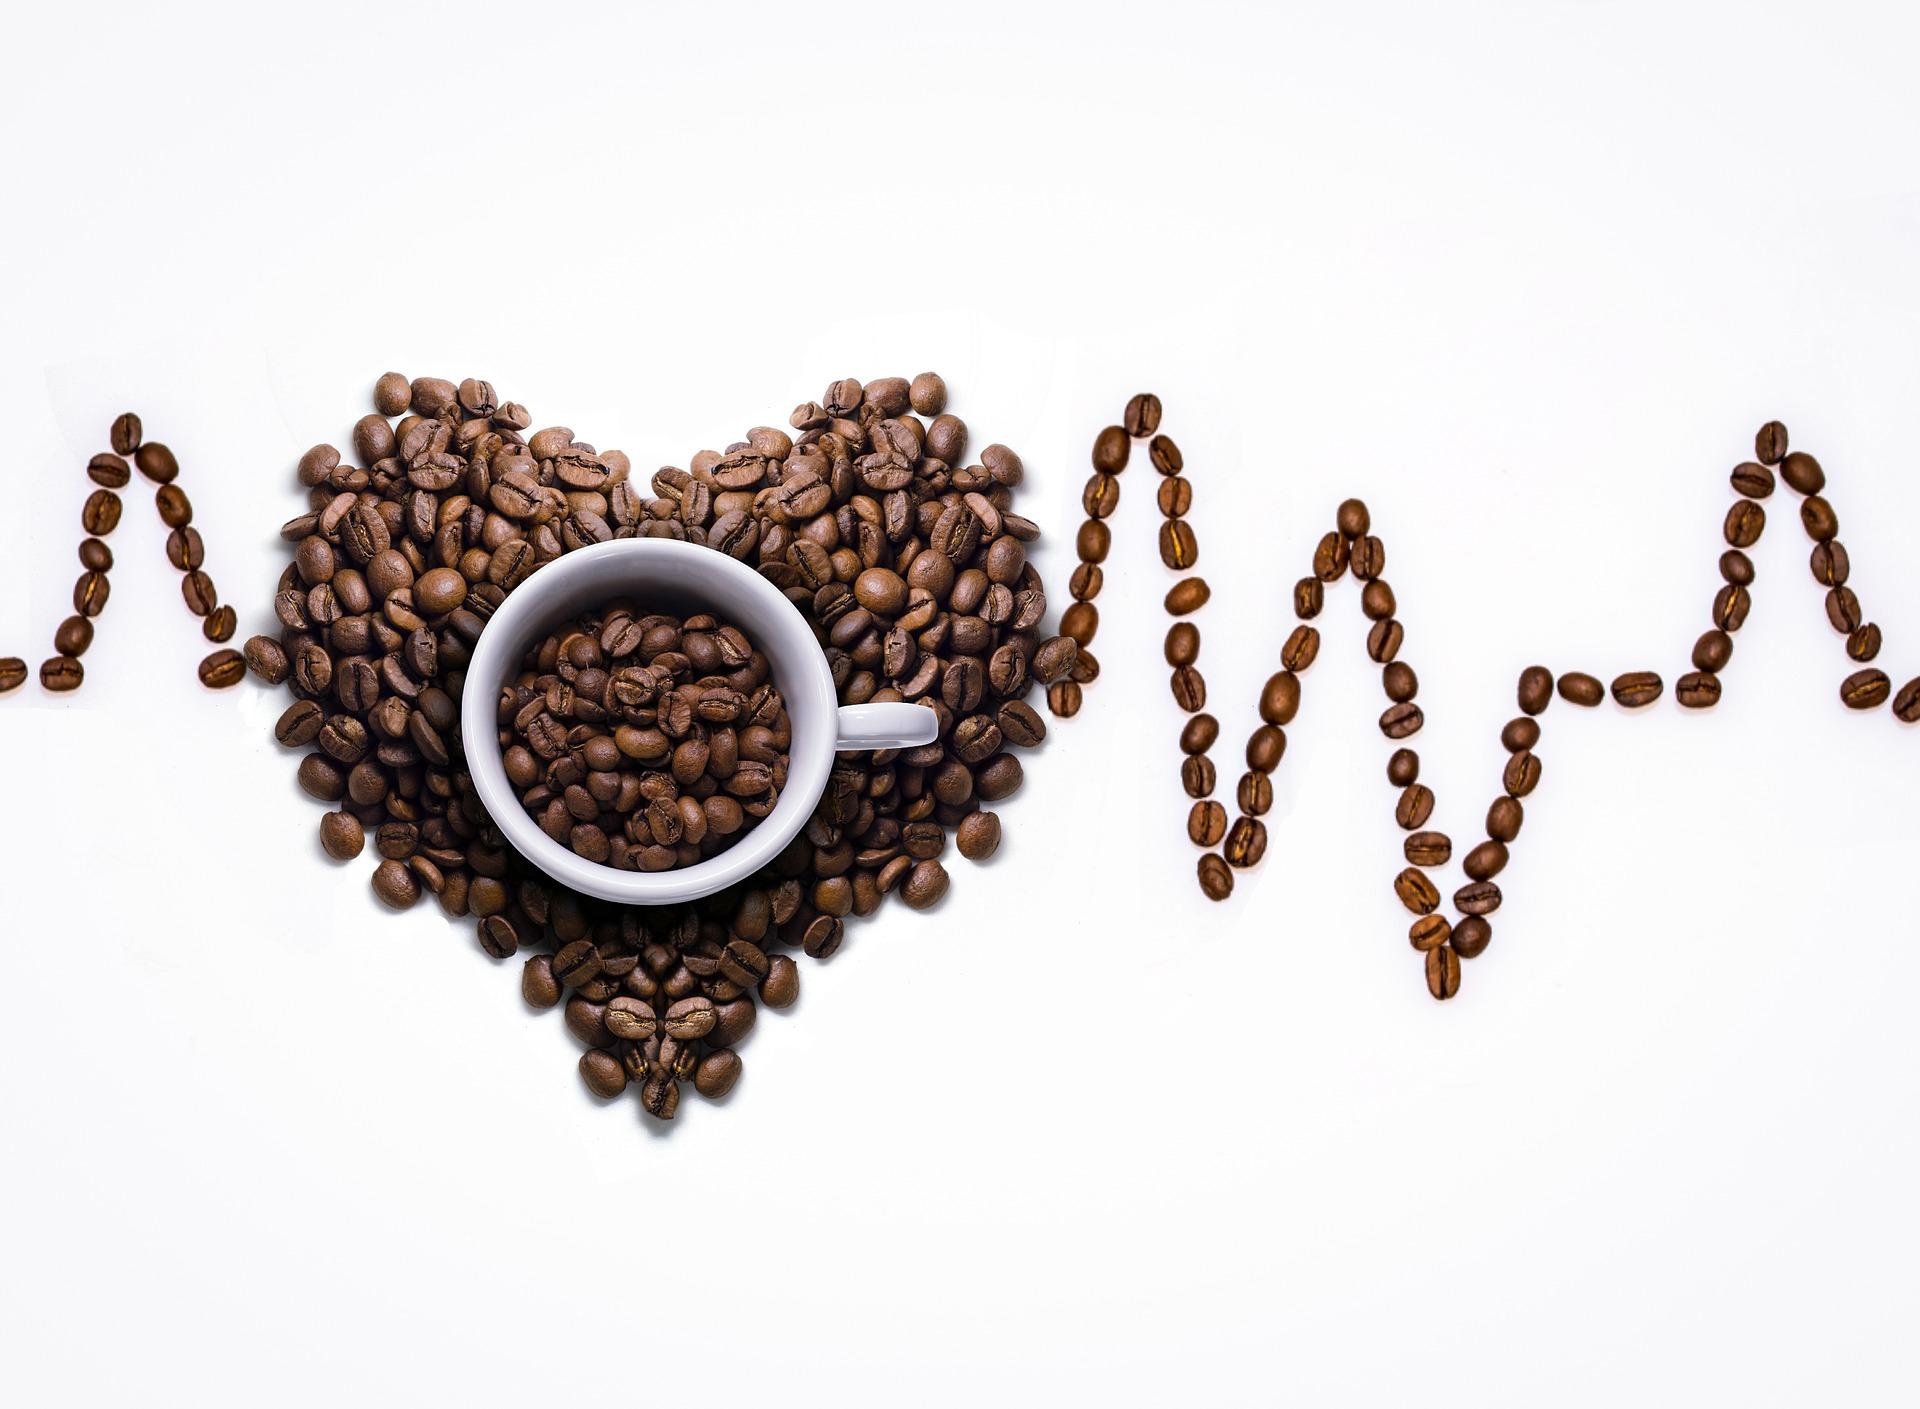 Vermindert koffie de kans op diabetes? Hier de waarheid erachter!